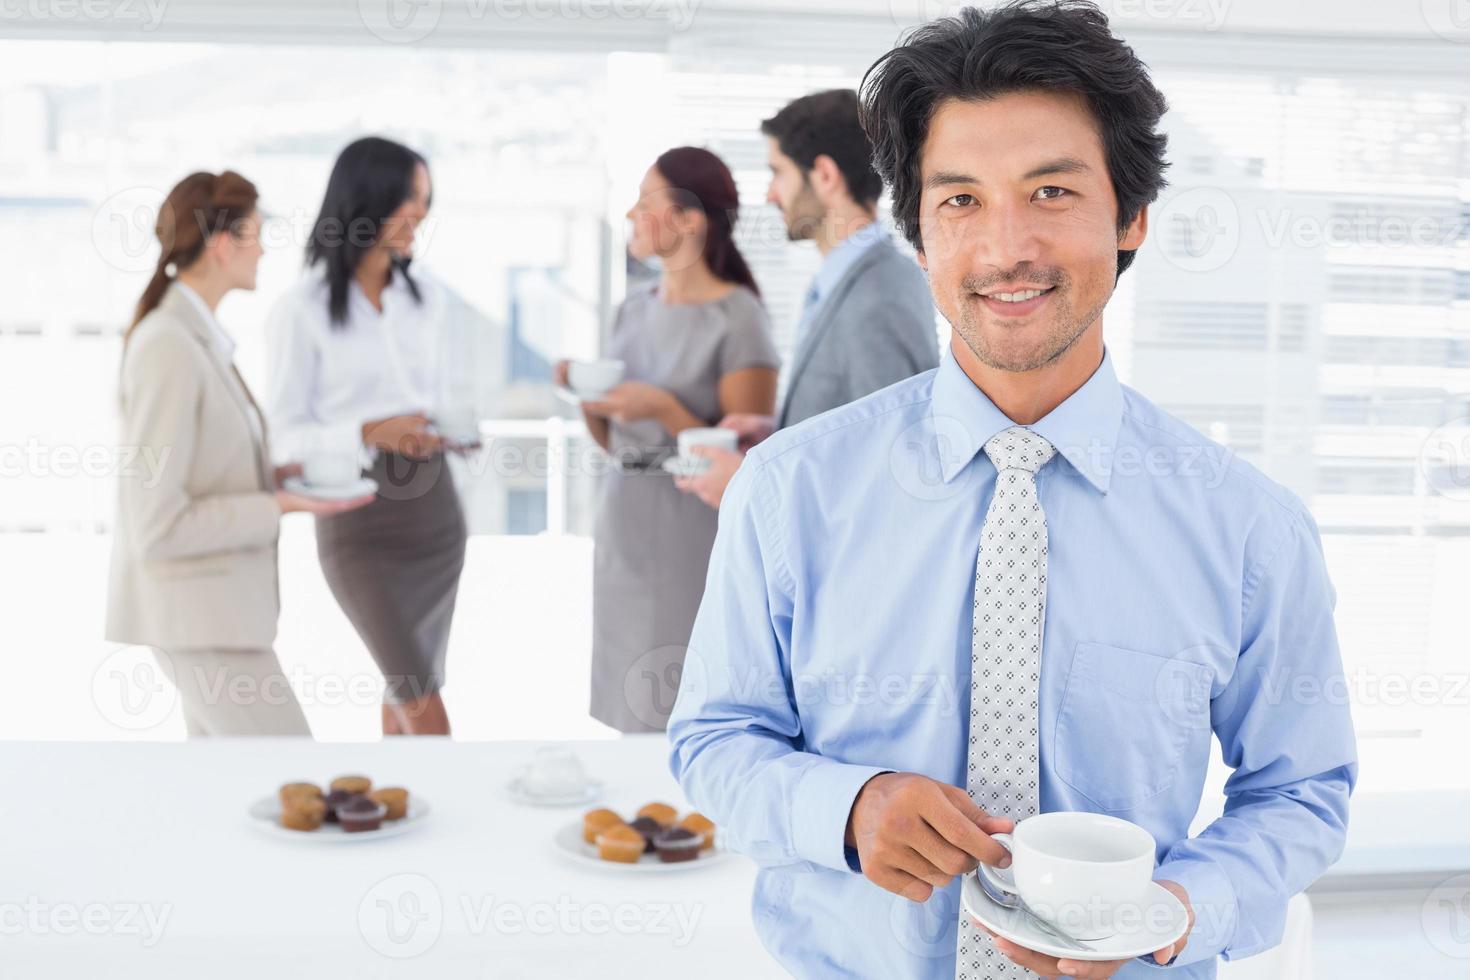 homme d'affaires souriant avec un verre photo